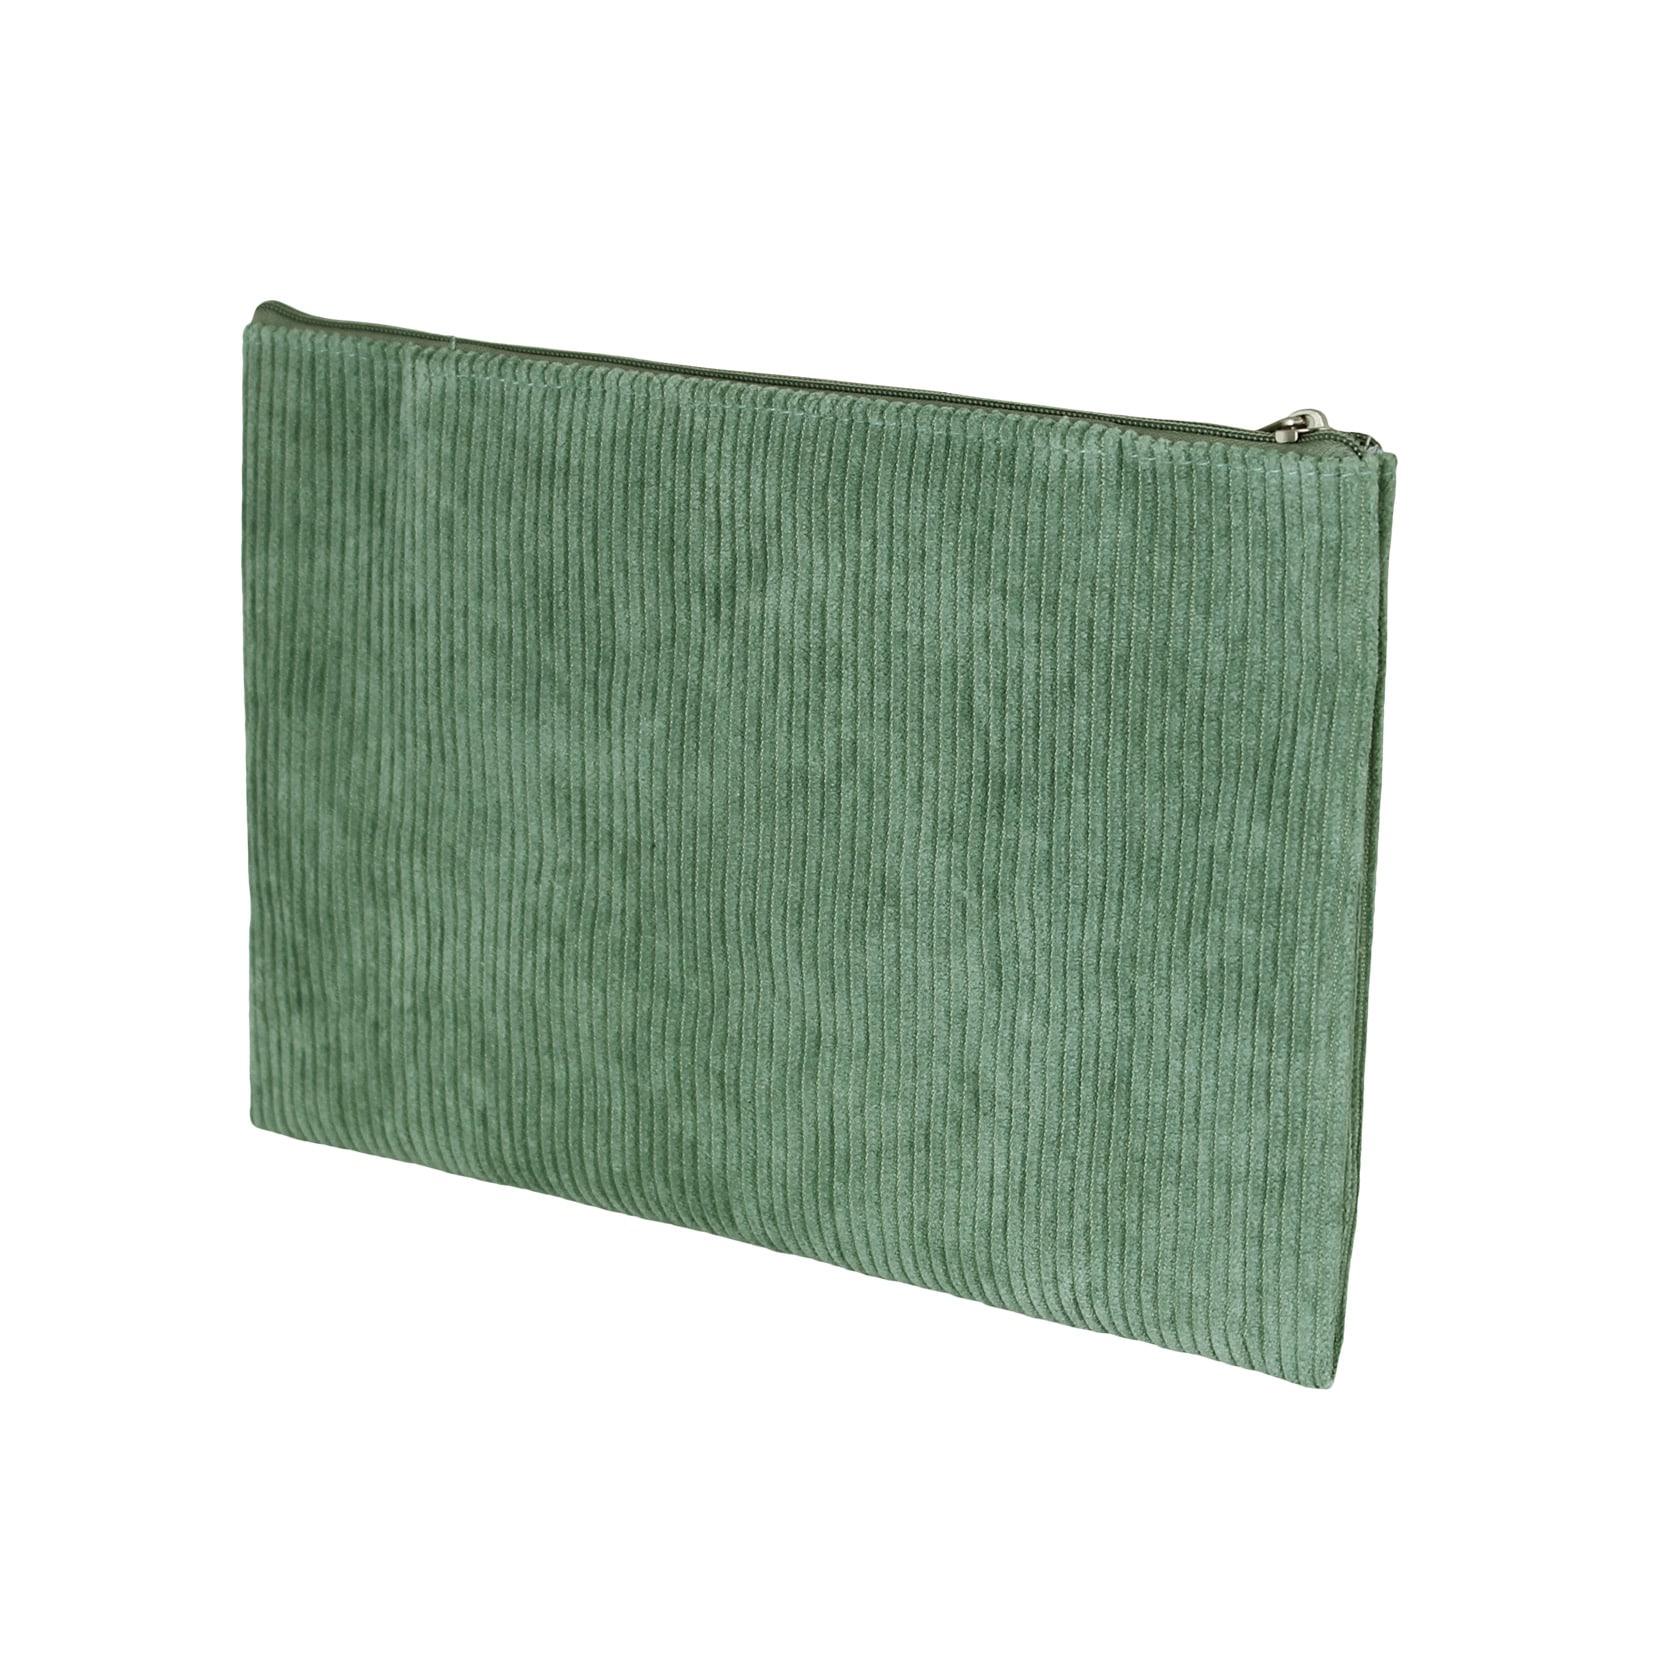 Toilet Bag Corduroy Green